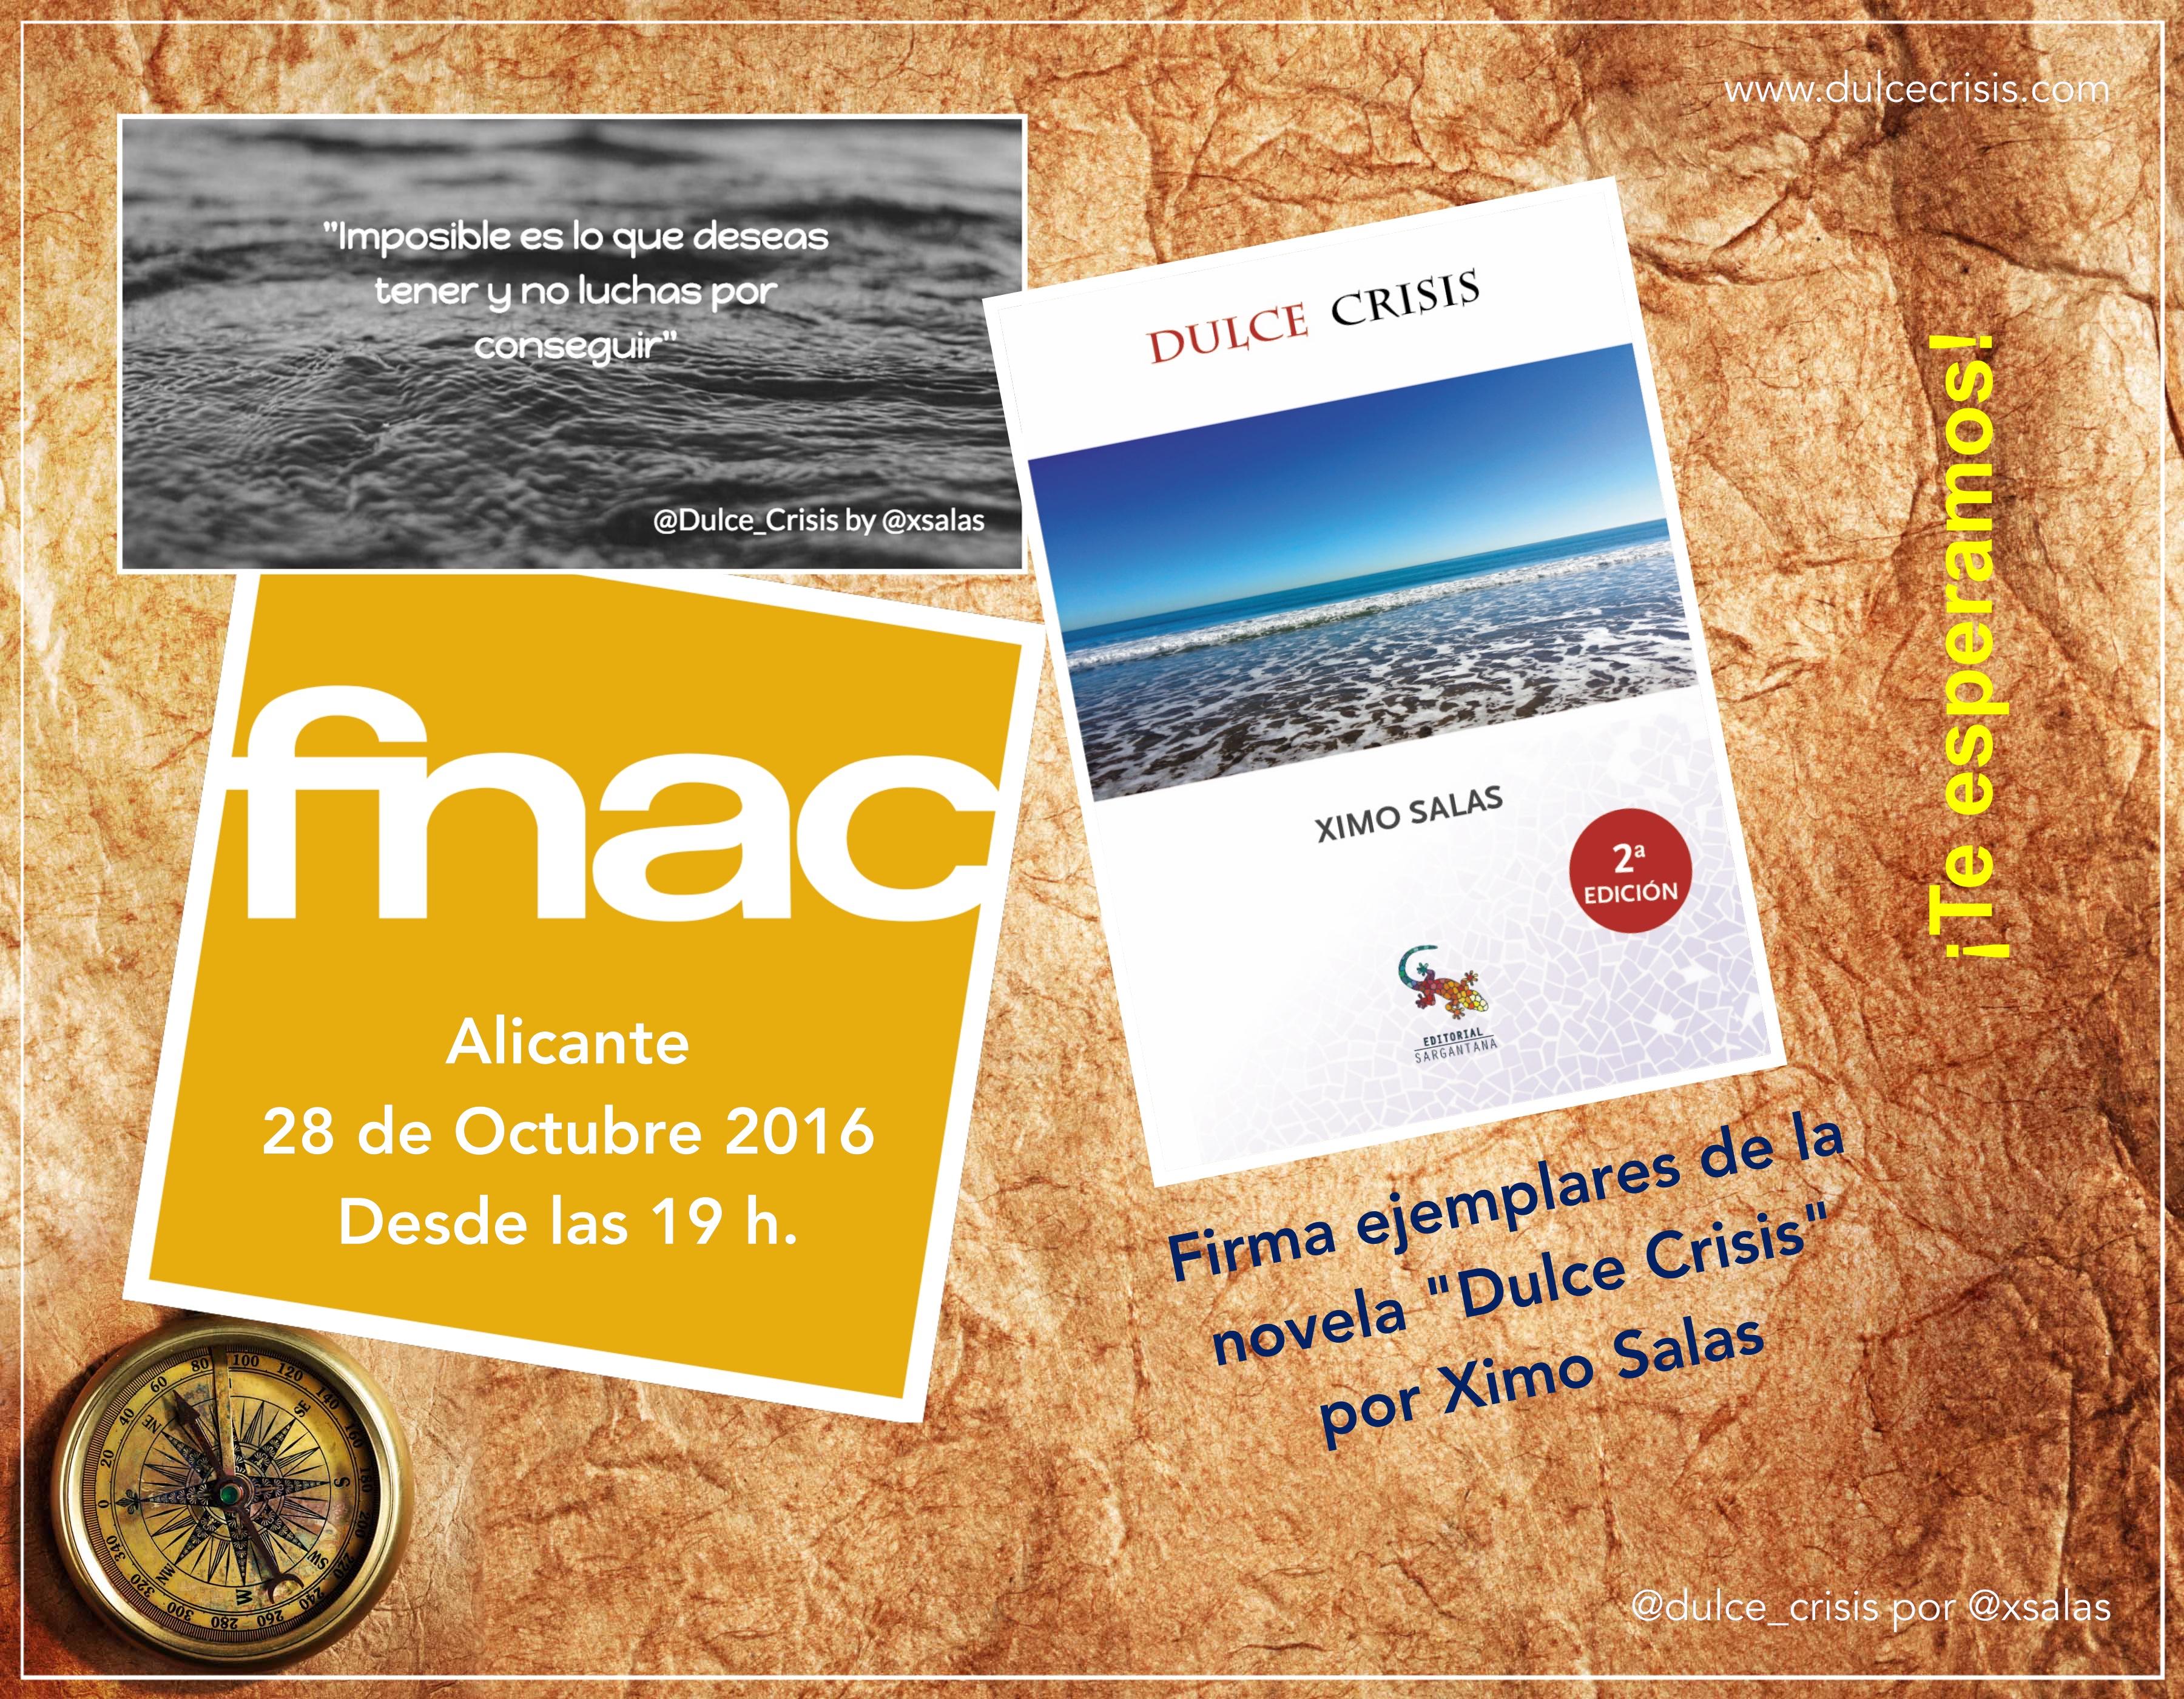 fnac-alicante_fotor-1